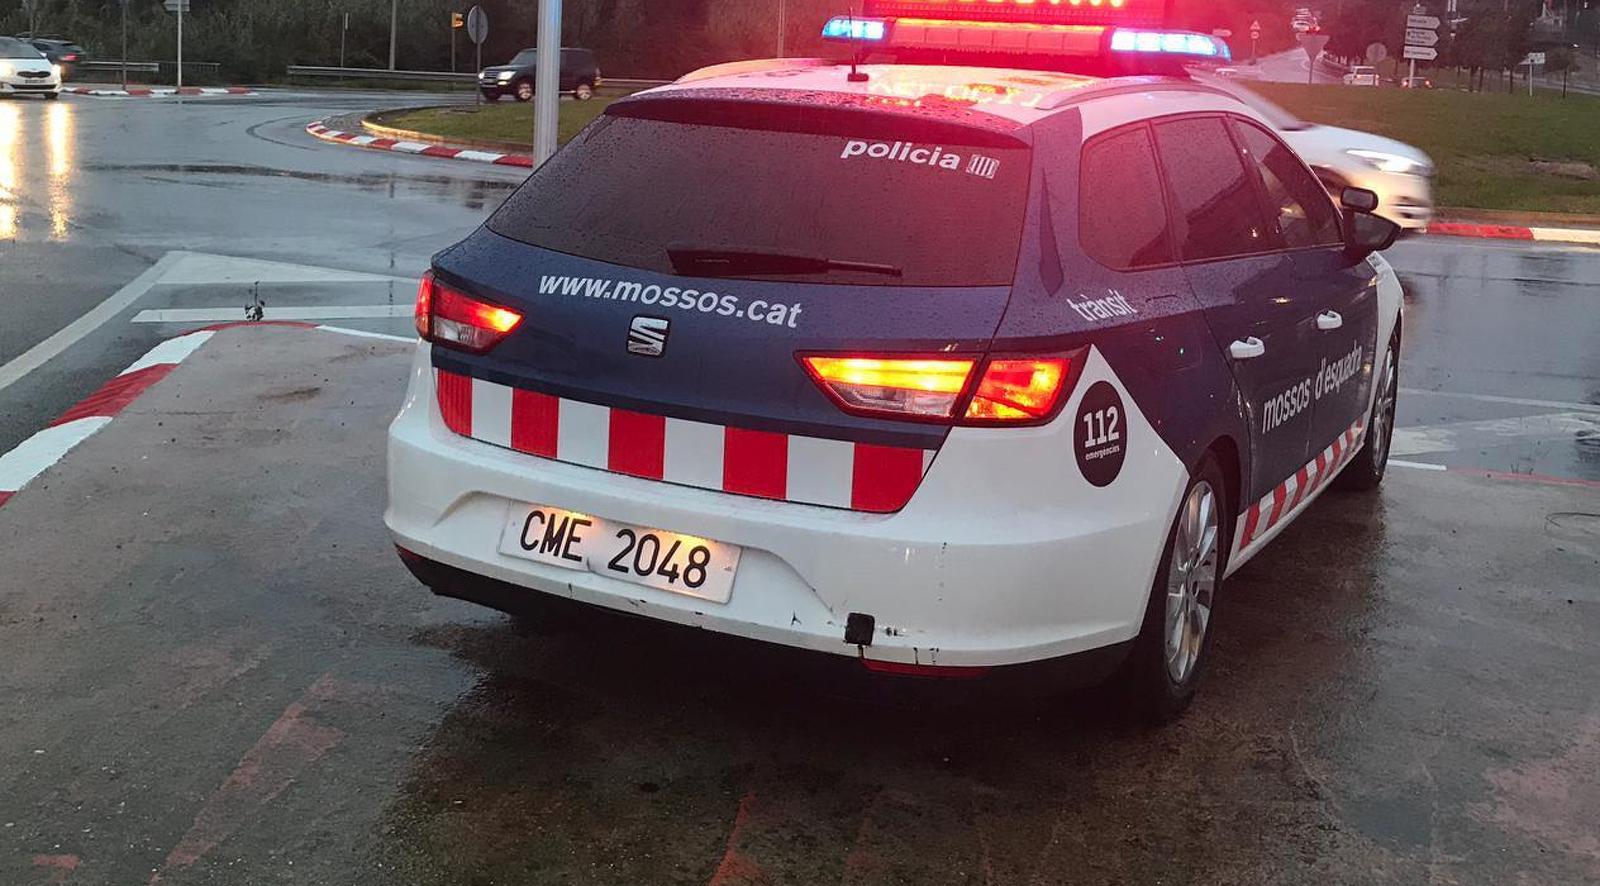 Un vehicle de Mossos demanant reduir la velocitat